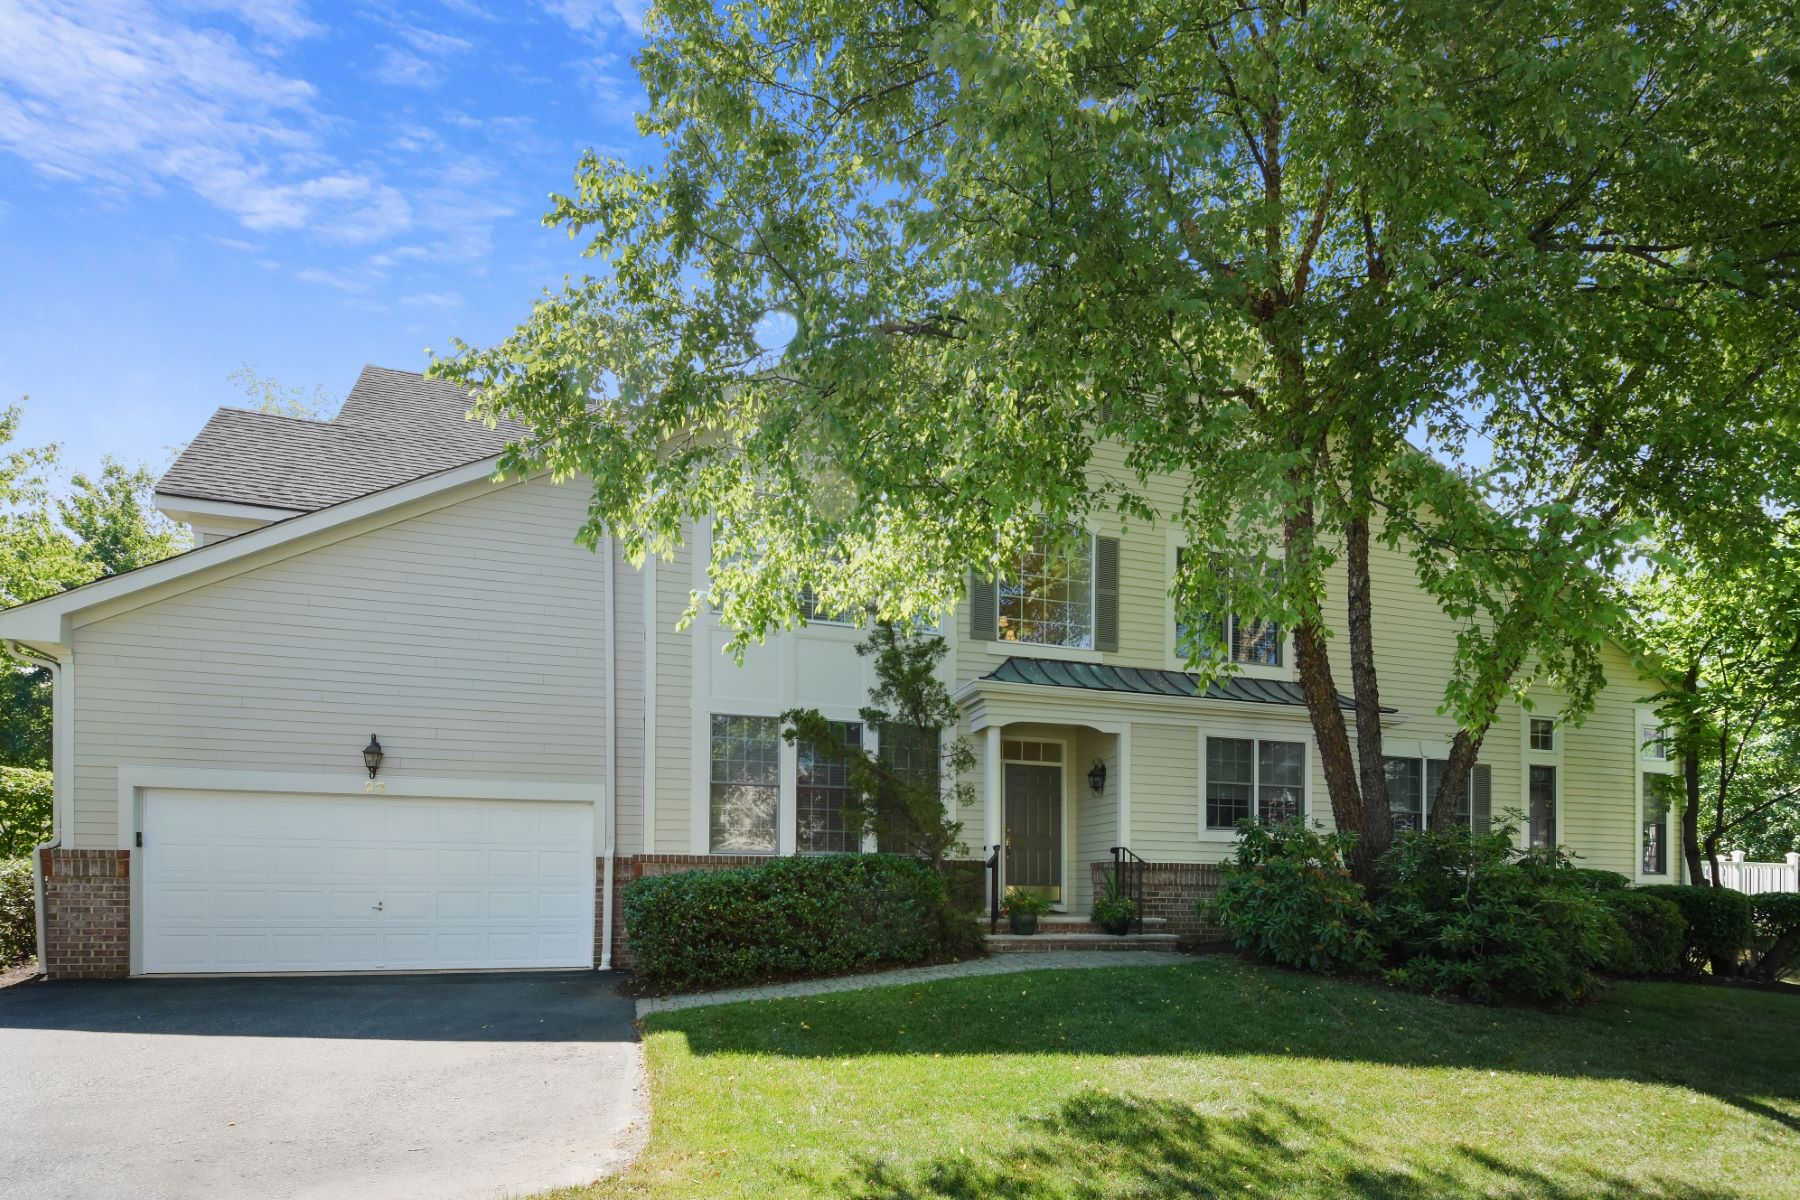 townhouses por un Venta en Fabulous Location in Sterling Green! 22 Schindler Way Fairfield, Nueva Jersey 07004 Estados Unidos